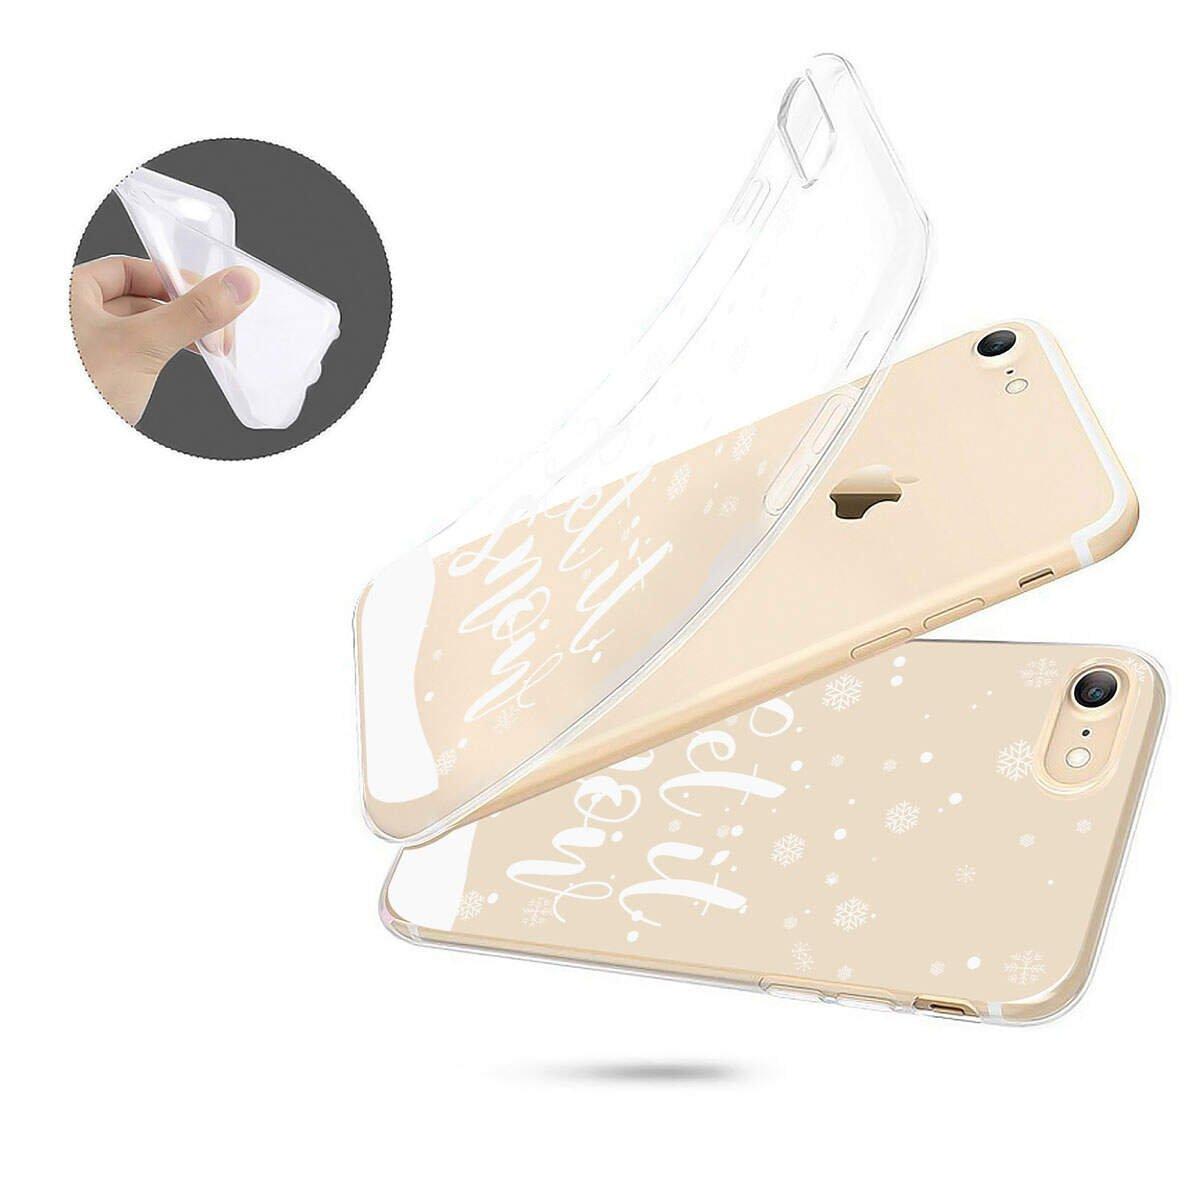 Finoo Iphone X Weiche flexible lizensierte Silikon-Handy-H/ülle Transparente TPU Cover Schale mit Weihnachten Motiv Tasche Case mit Ultra Slim Rundum-schutz Let it Snow